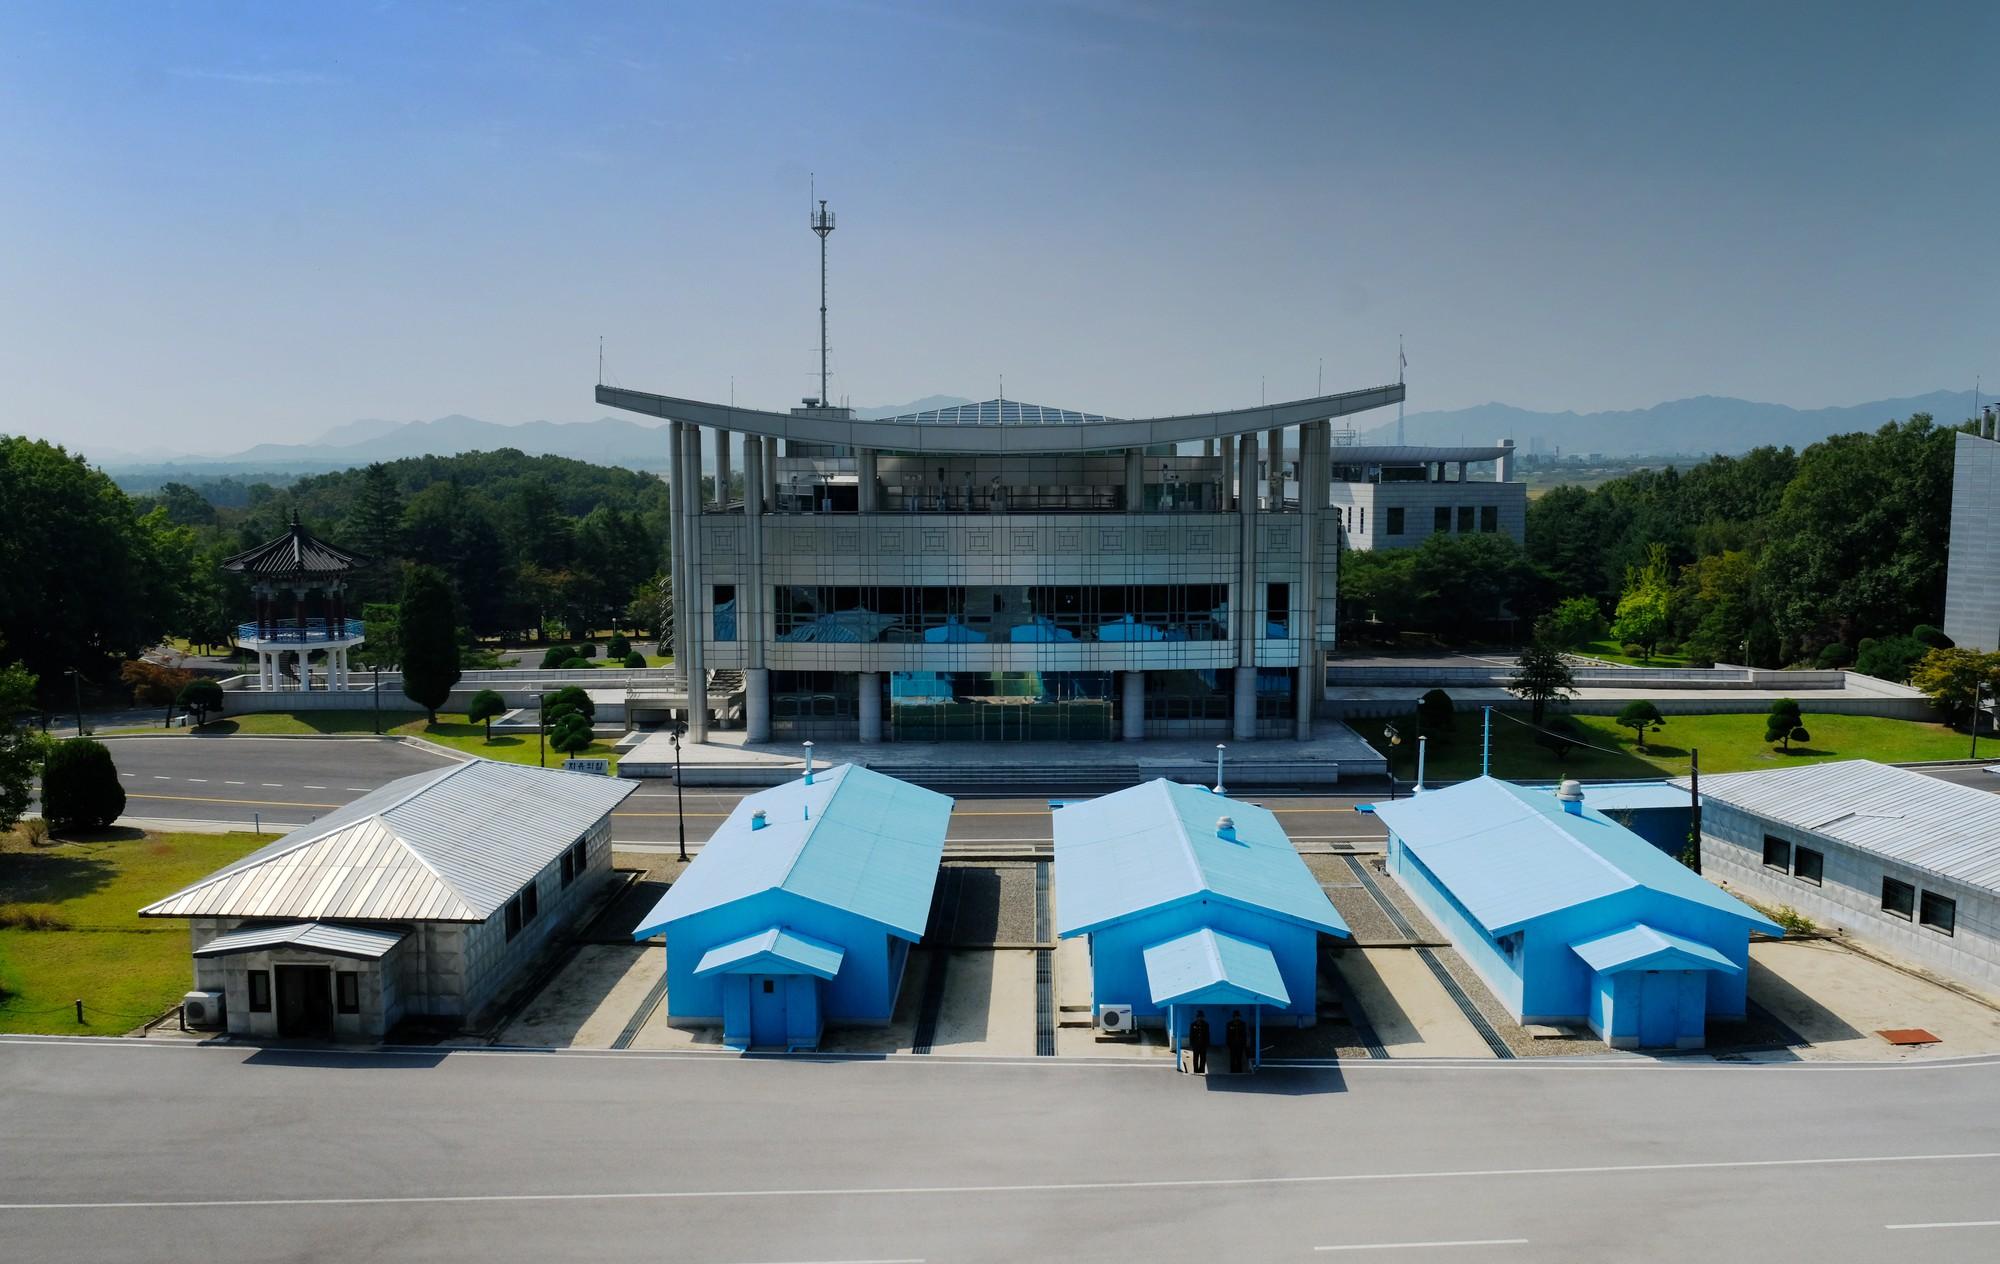 [PHOTO ESSAY] Thù địch và hy vọng ở DMZ liên Triều nhìn từ hai phía qua ống kính người Việt - Ảnh 14.